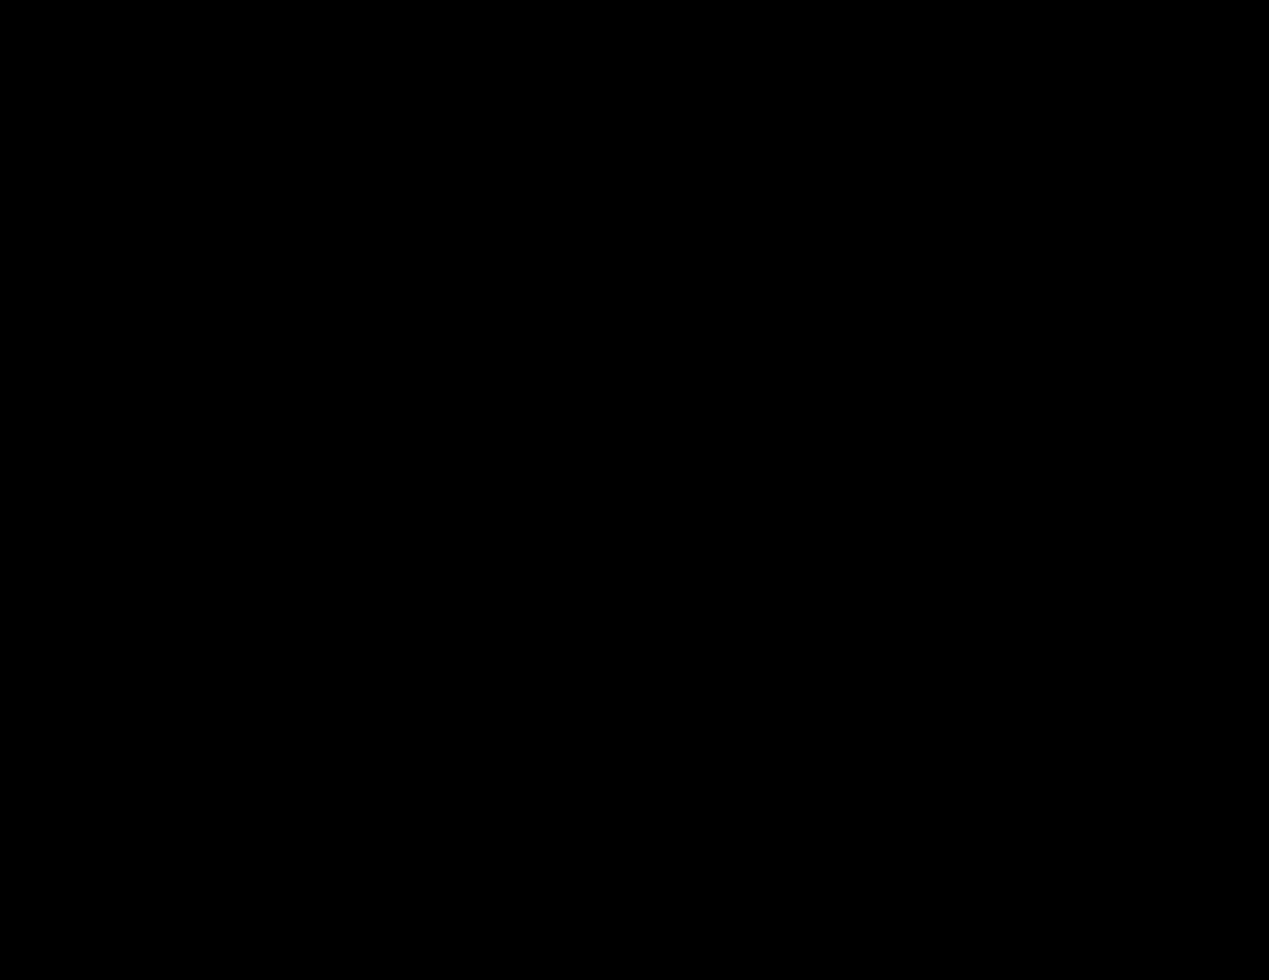 plante d'aloès png